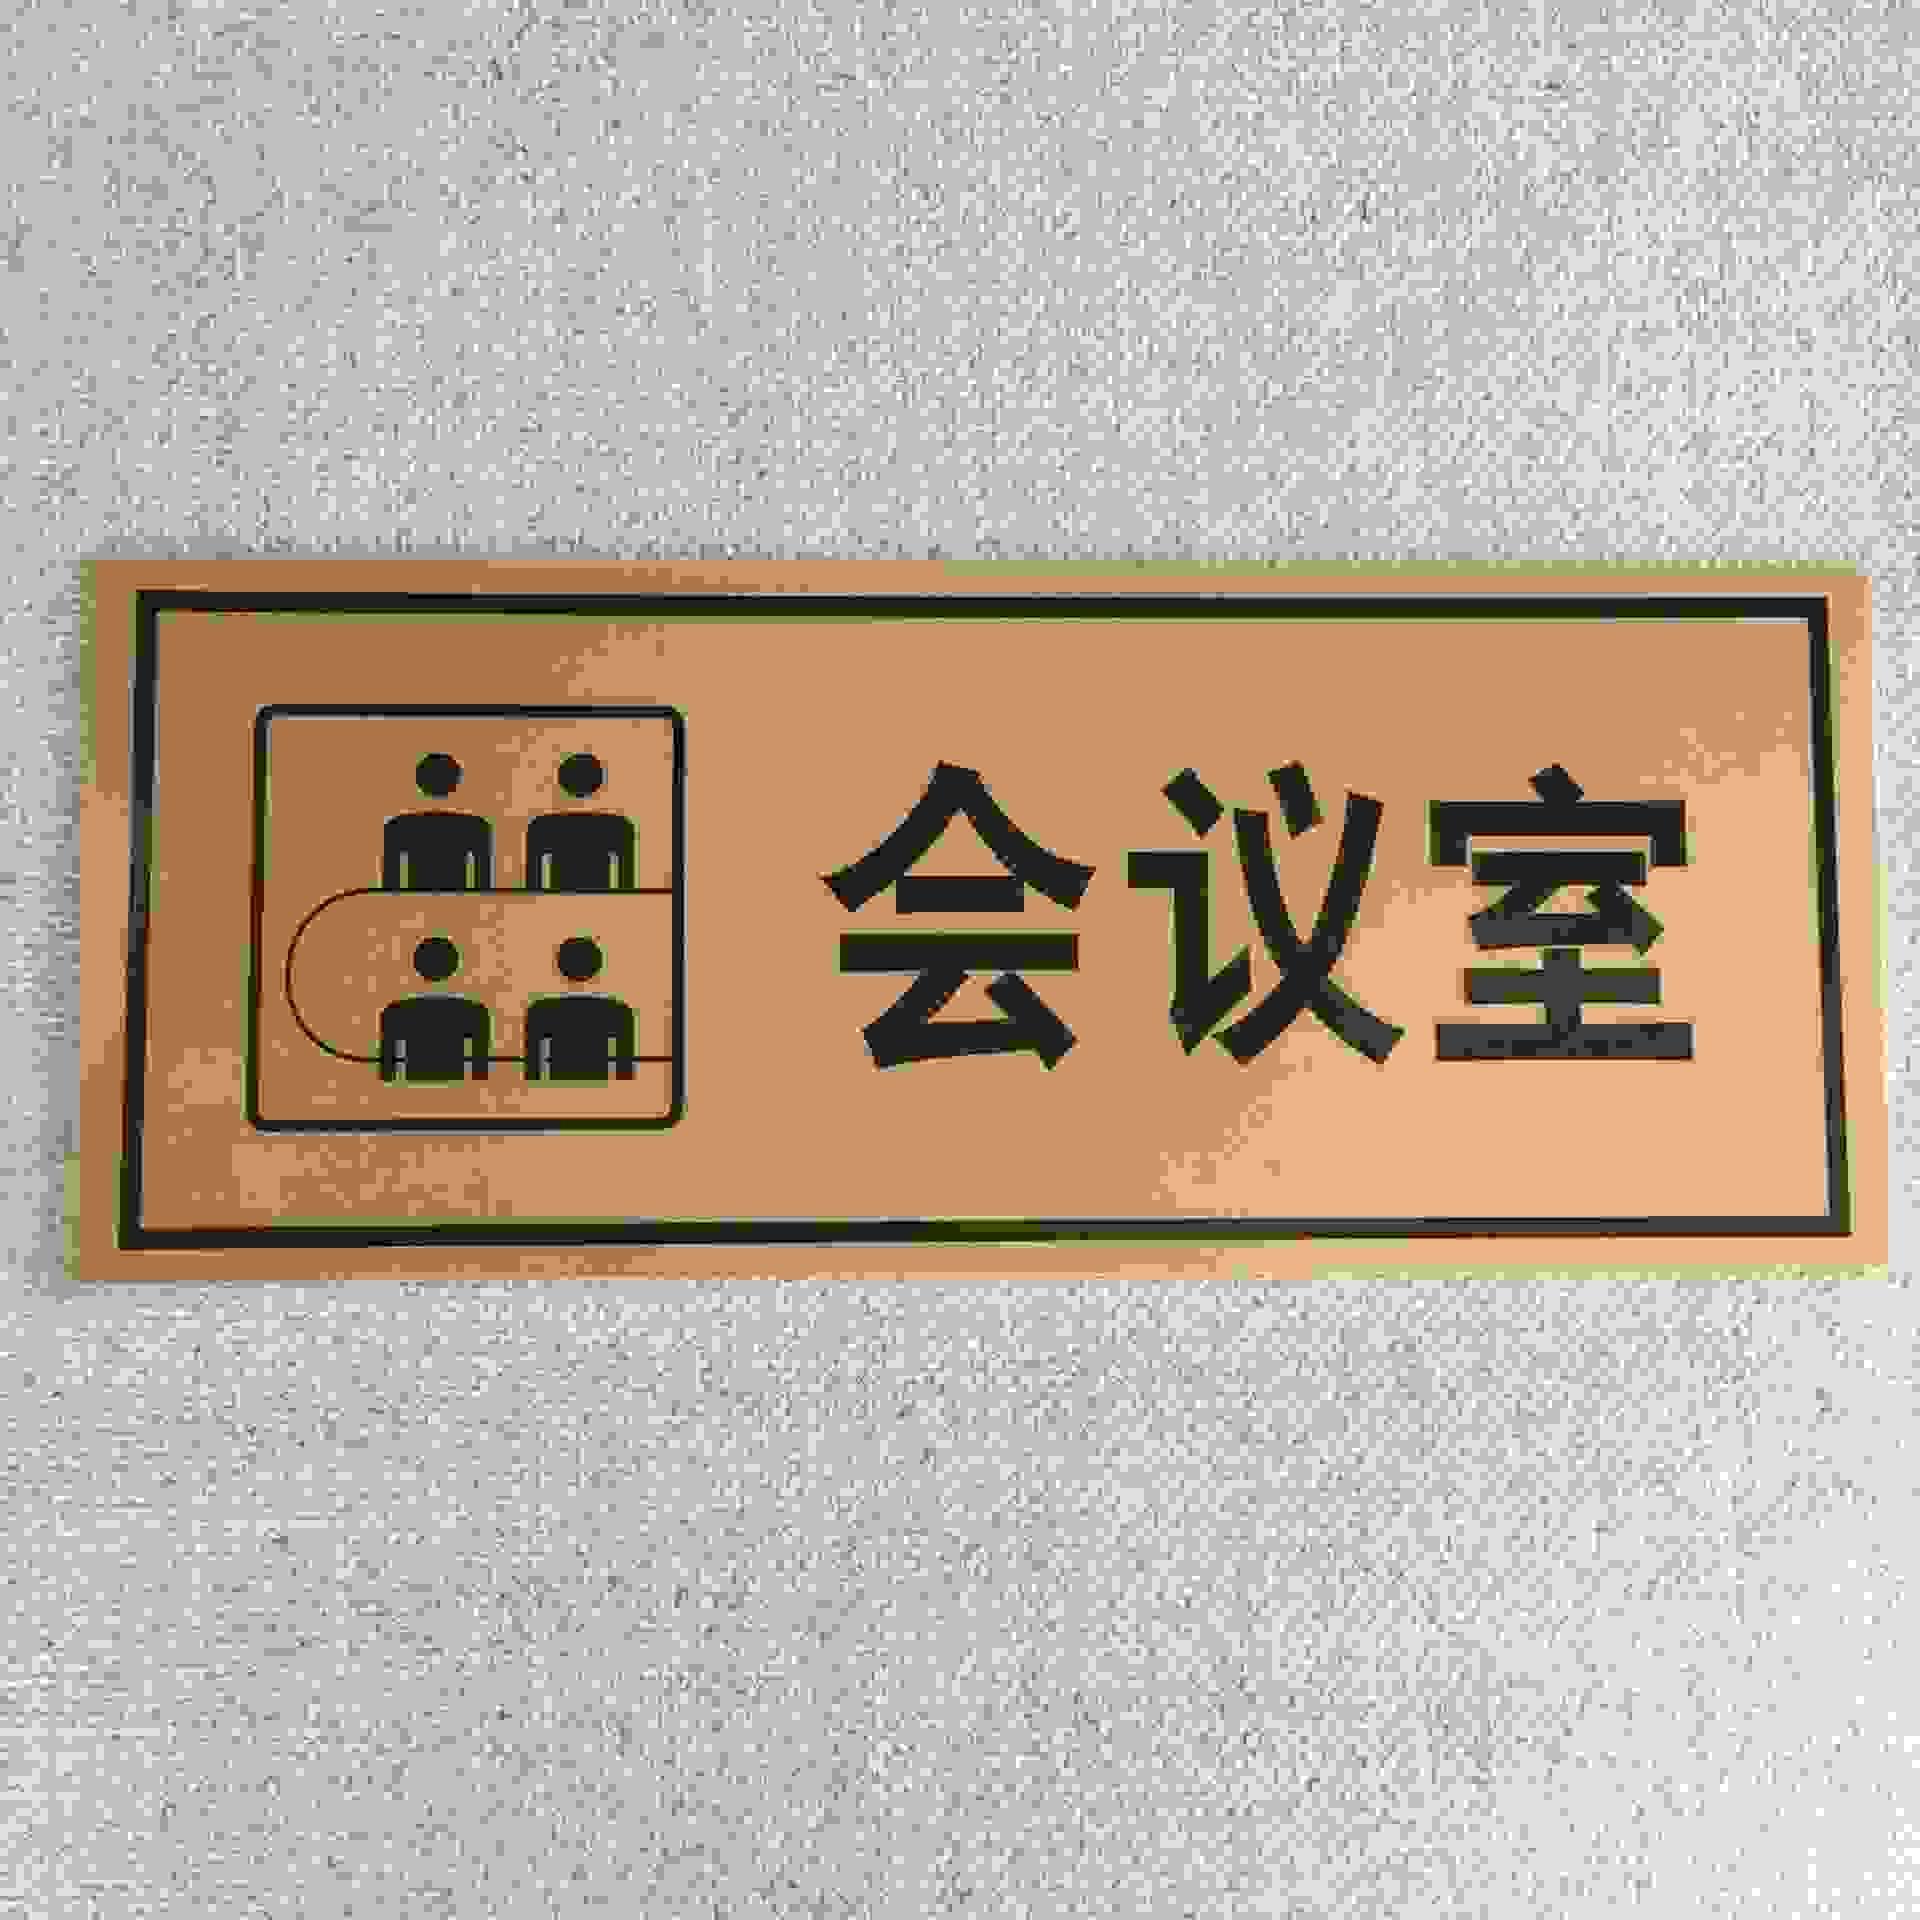 实拍 高质量会议室标牌 abs双色板雕刻指示牌 19款任选 一个定制图片